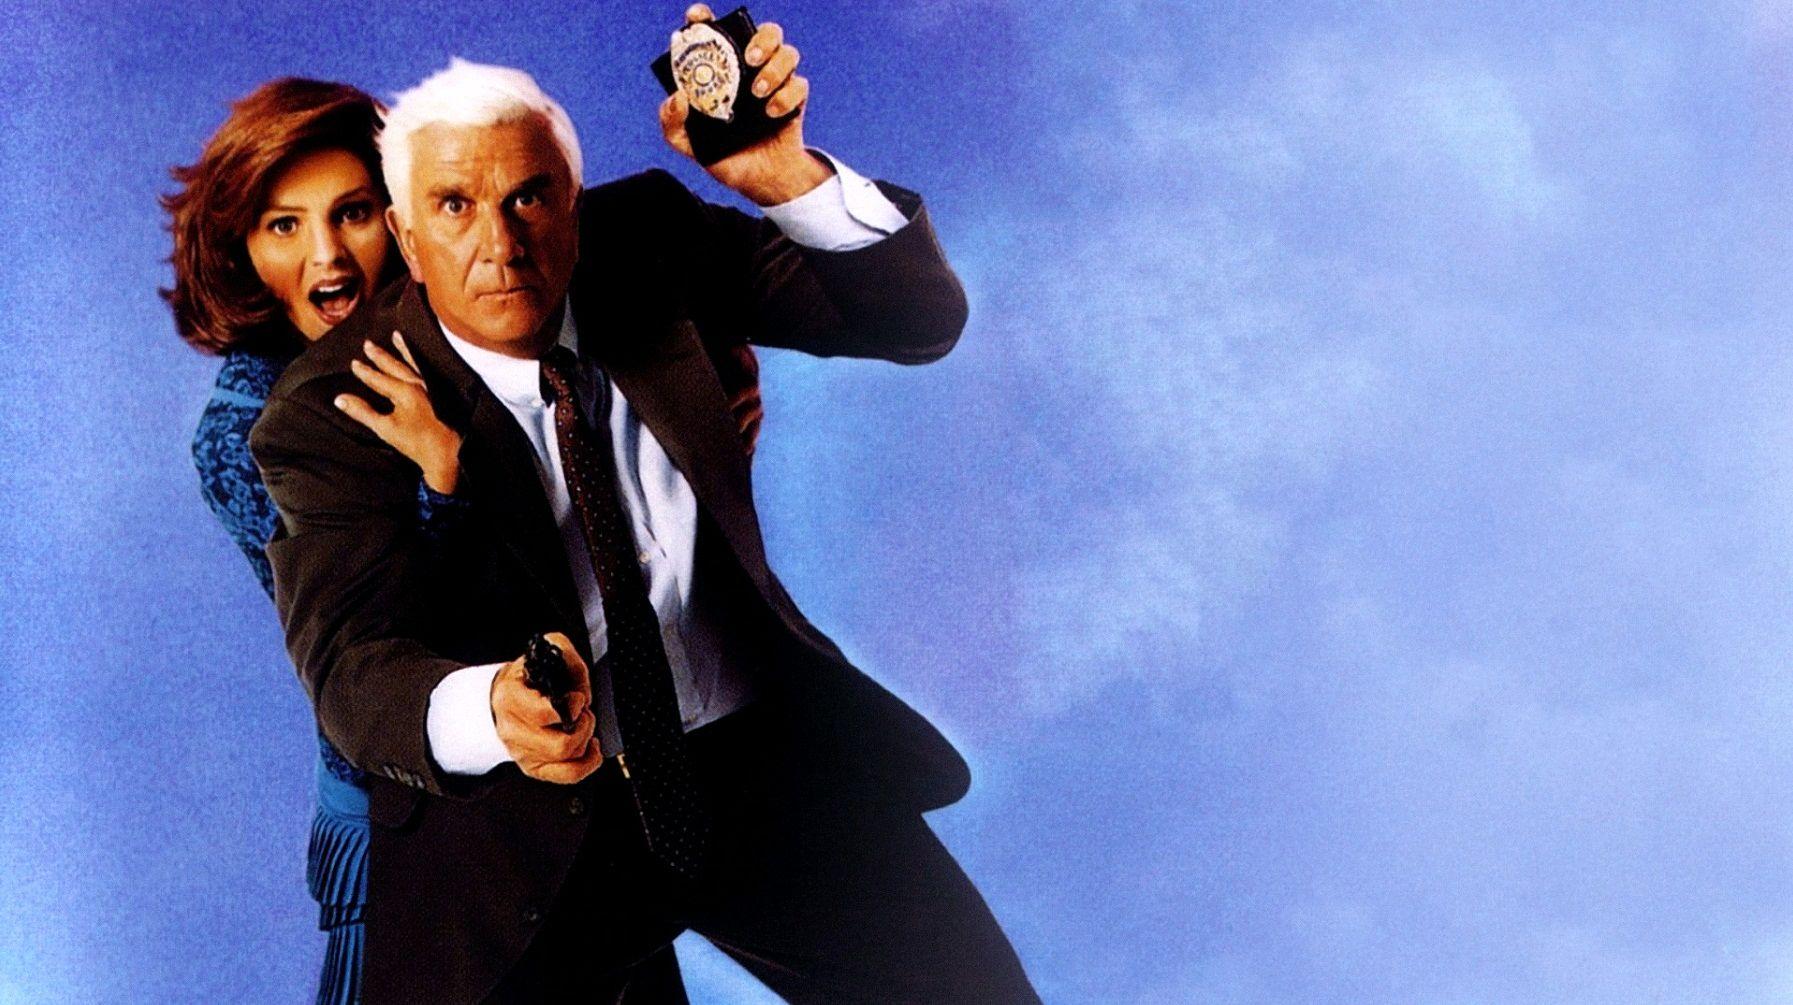 Другом блоге смотреть фильм голый пистолет